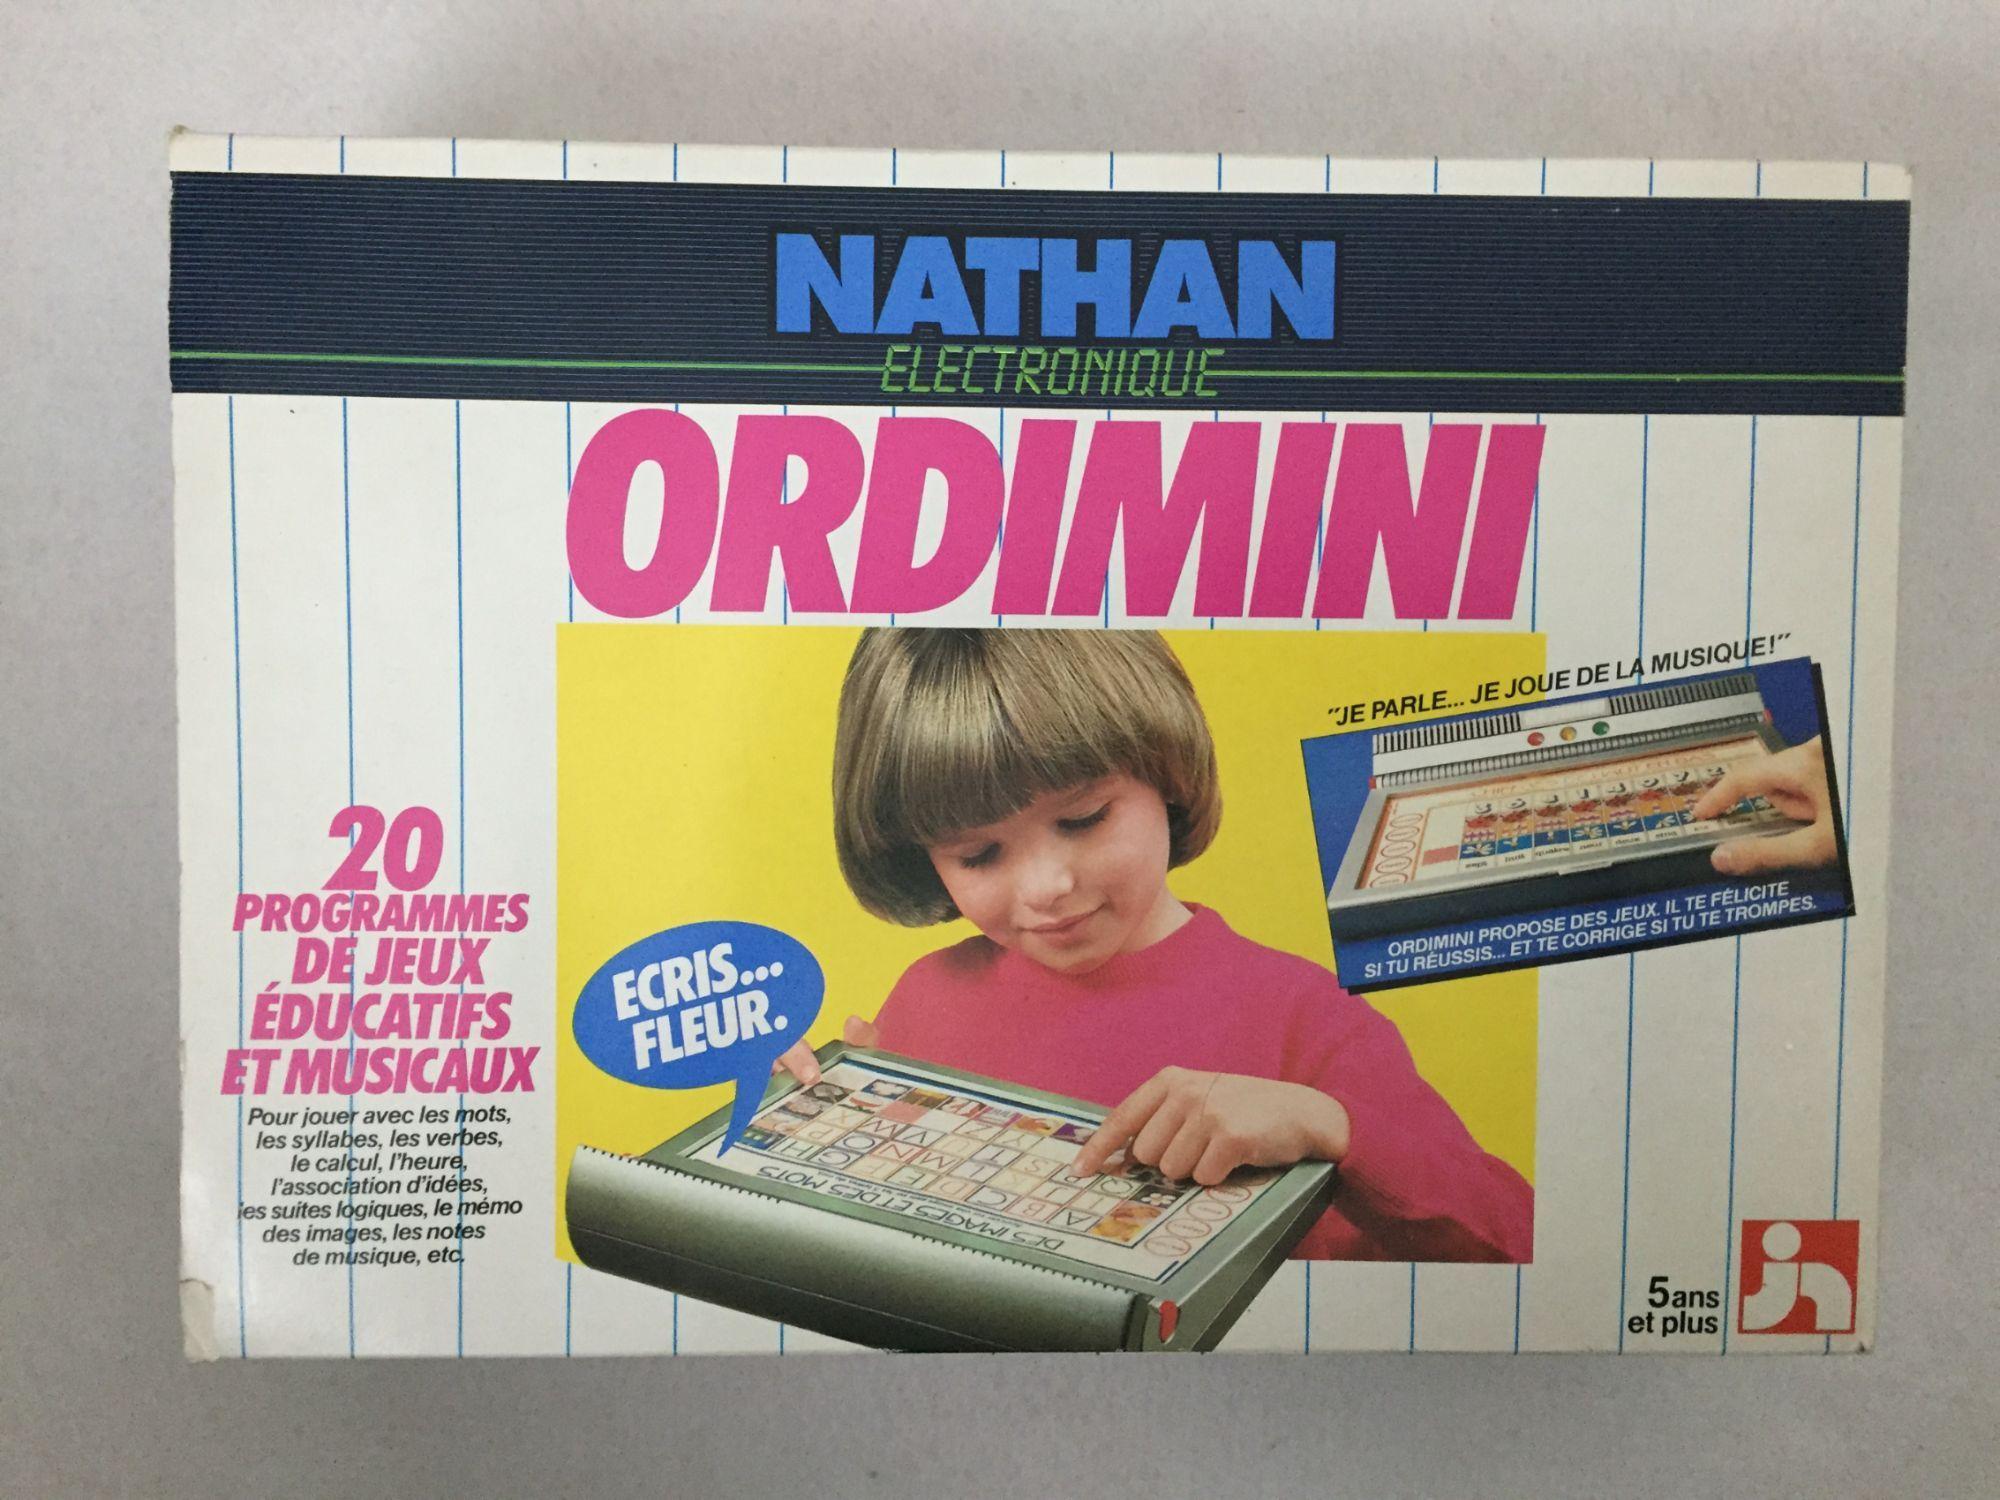 Ordimini Ordinateur Electronique Nathan 1984 Vintage (Ordi avec Ordinateur Educatif Enfant